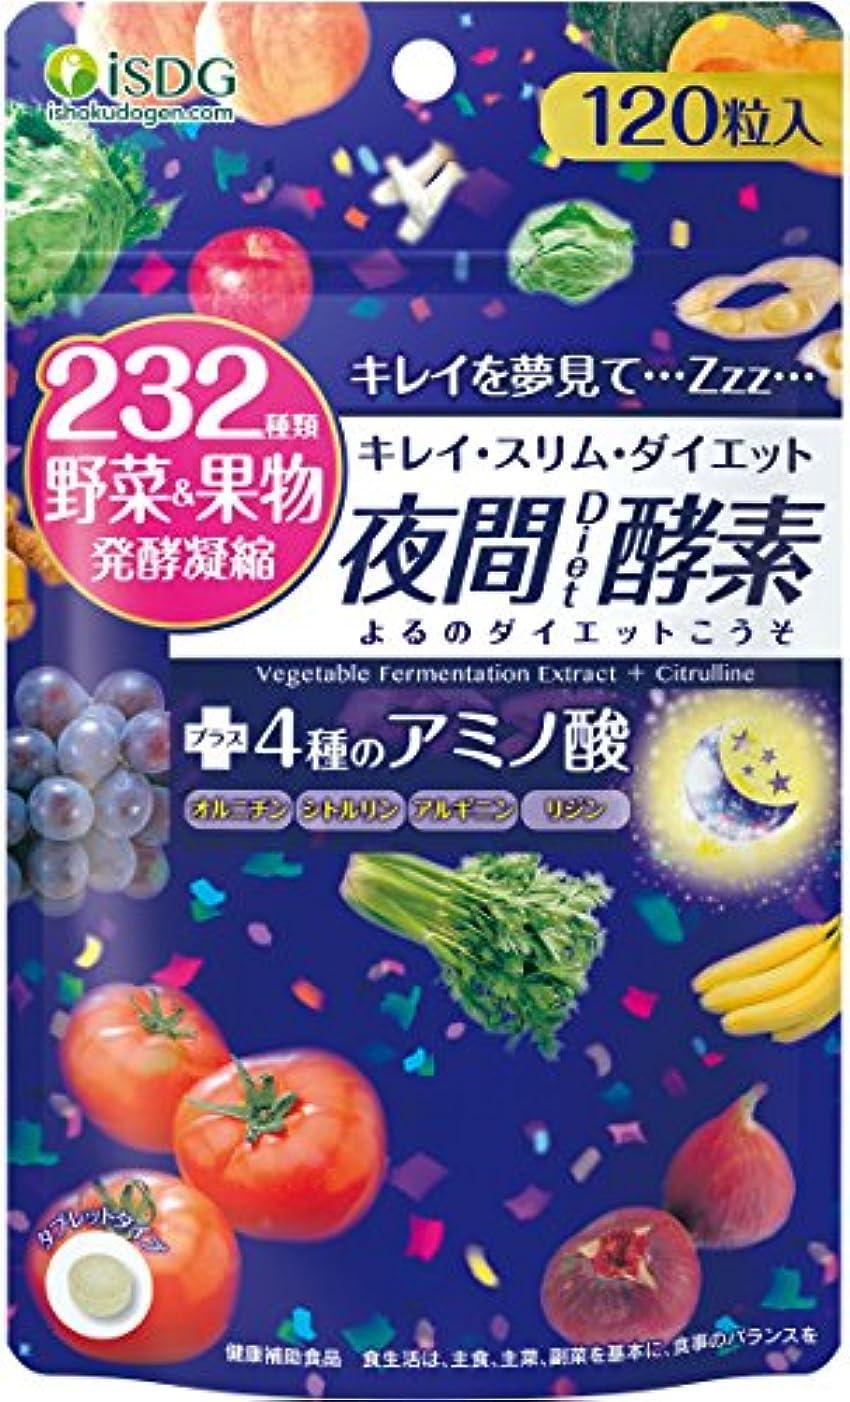 見るカーフブレイズISDG 医食同源ドットコム 夜間 Diet 酵素 サプリメント [ 232種類 野菜 果物 発酵凝縮 アミノ酸 4種 ] 310mg×120粒